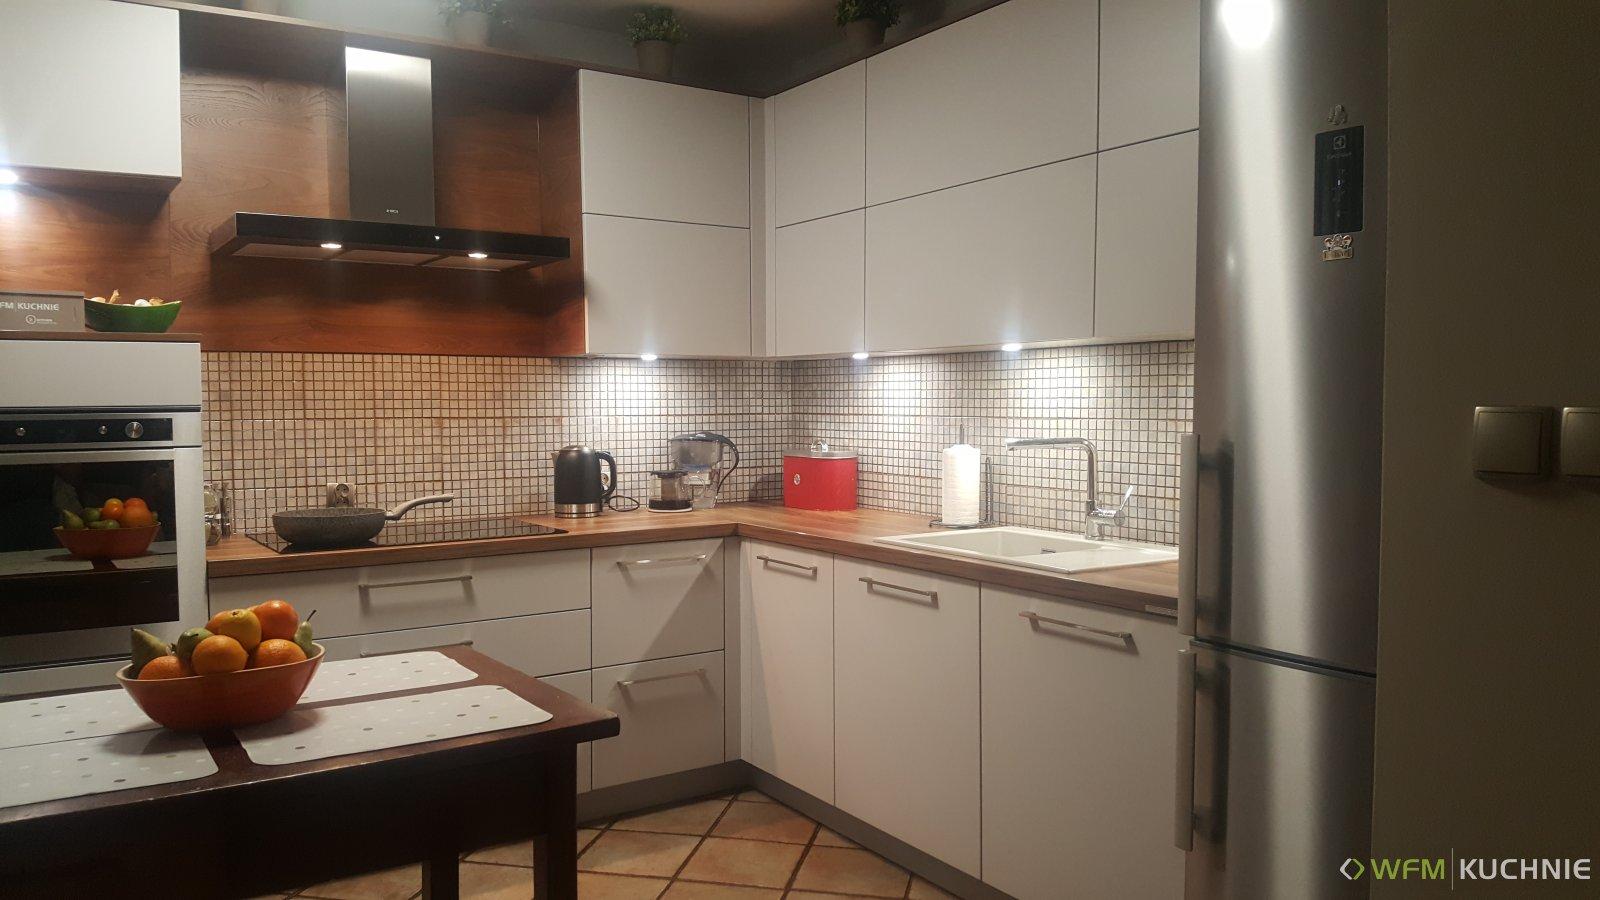 Kuchnia WFM CALMA mat M122 - Kuchnie na wymiar, meble kuchenne Kraków - WFM KUCHNIE Kraków